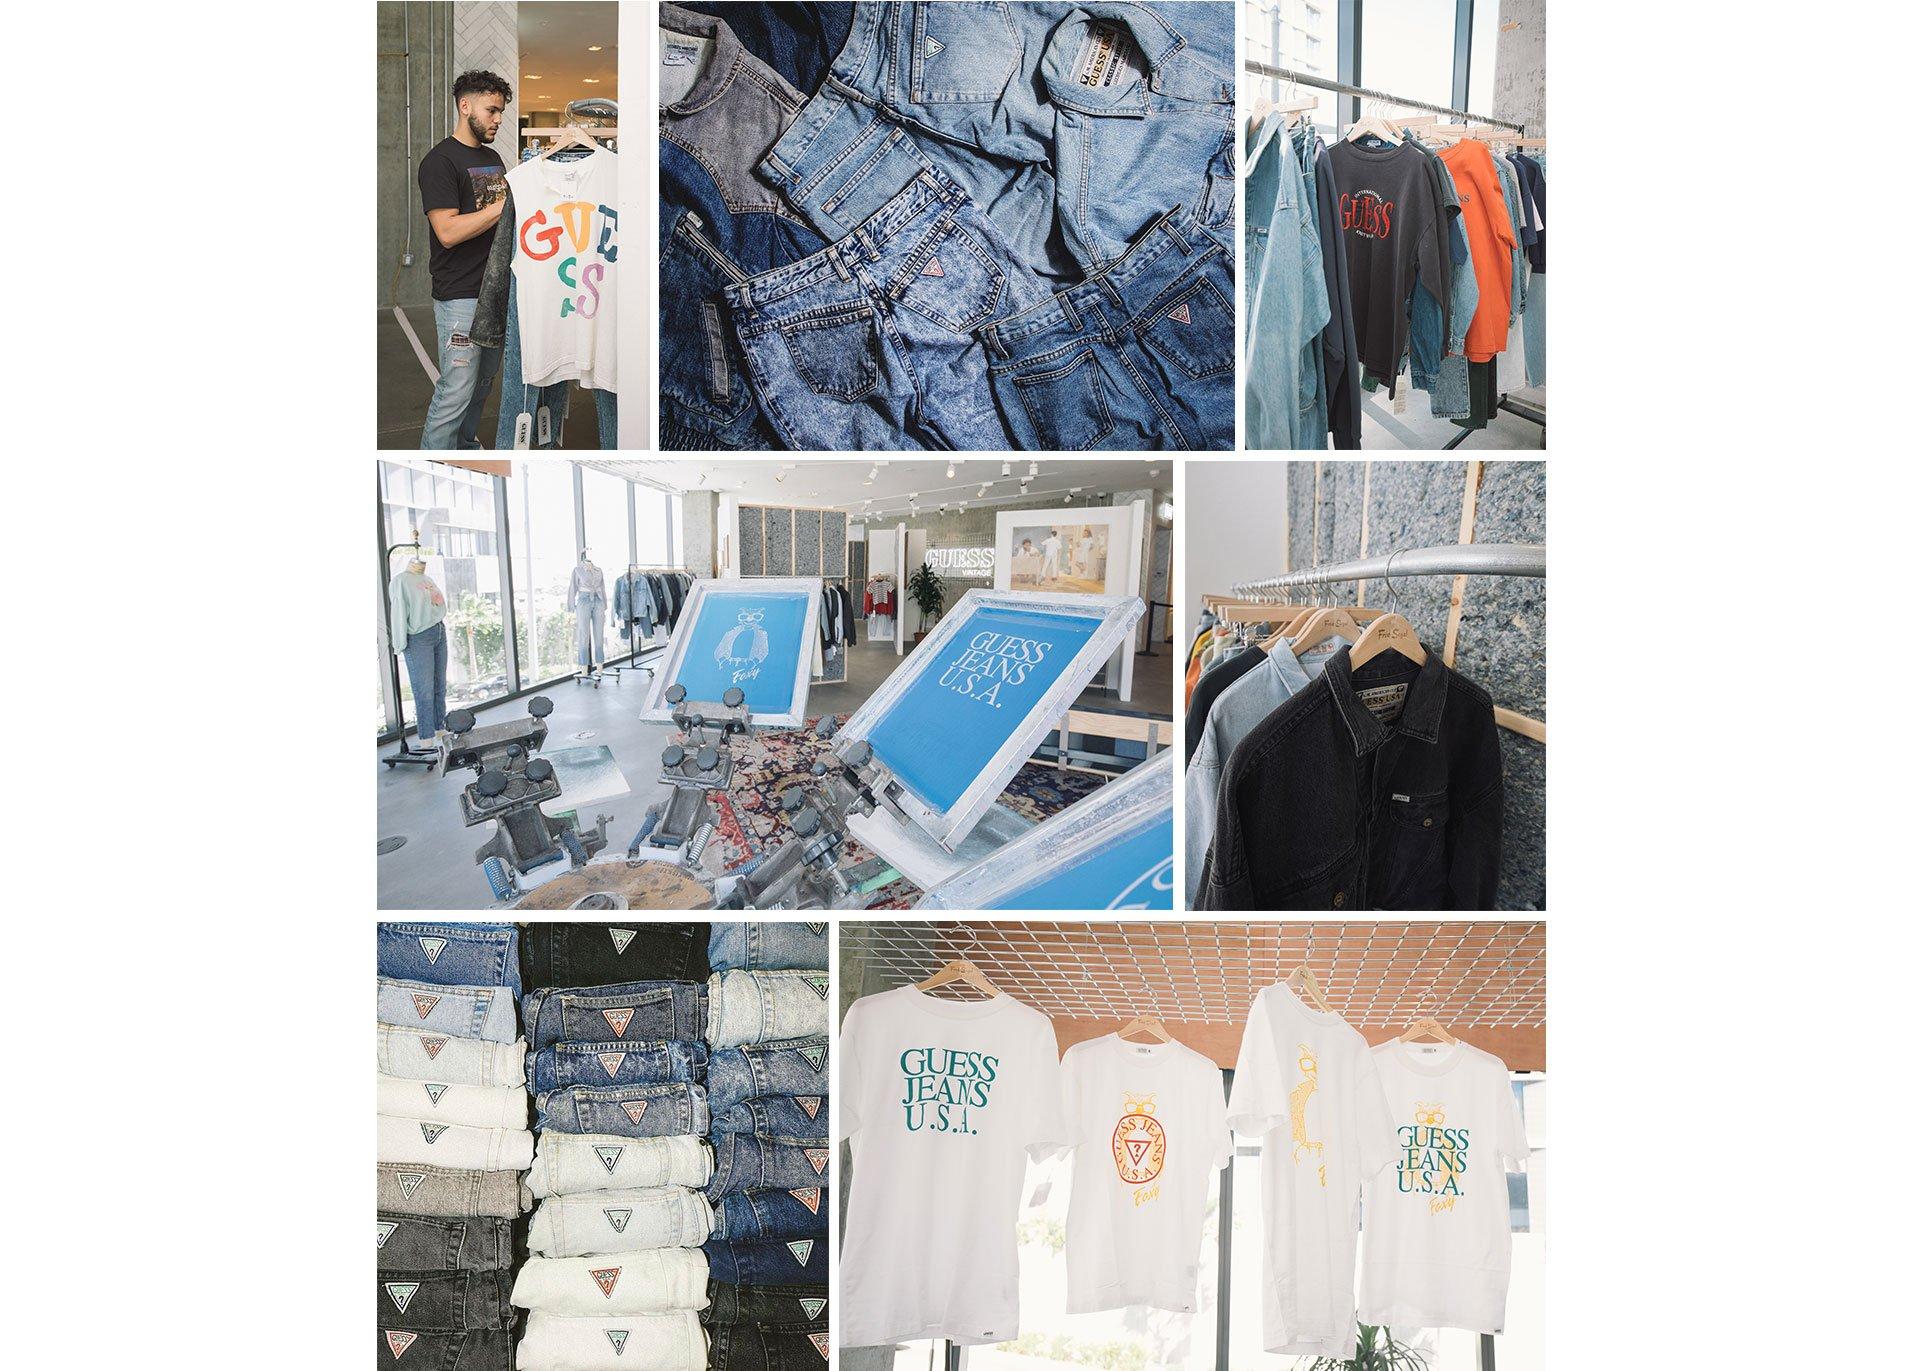 GUESS Jeans U.S.A Fred Segal